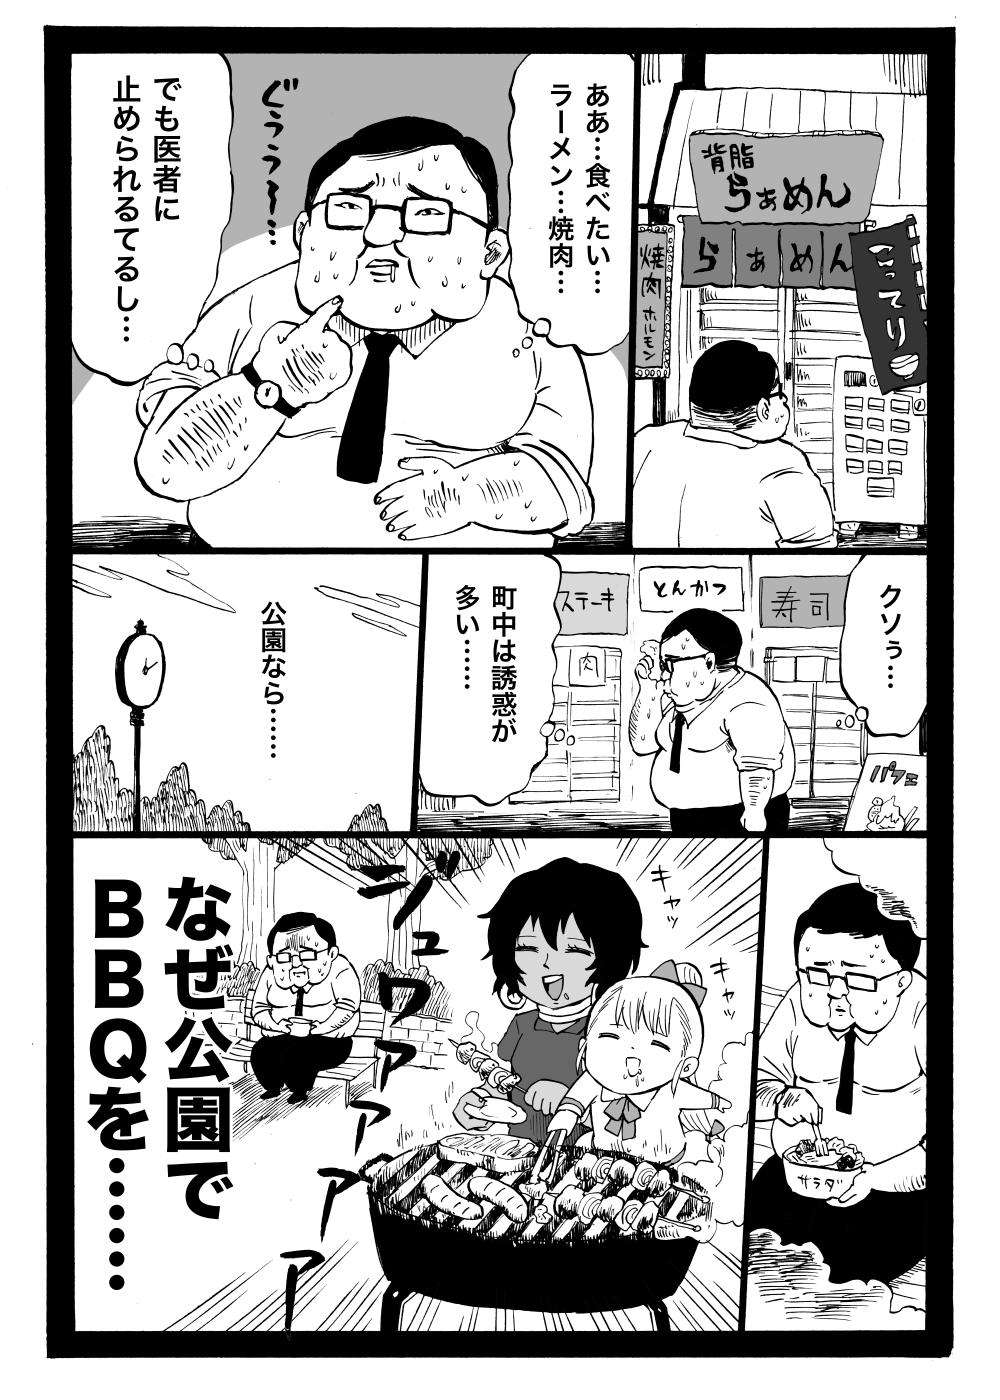 幼女社長(これすてろーる(単行本収録))